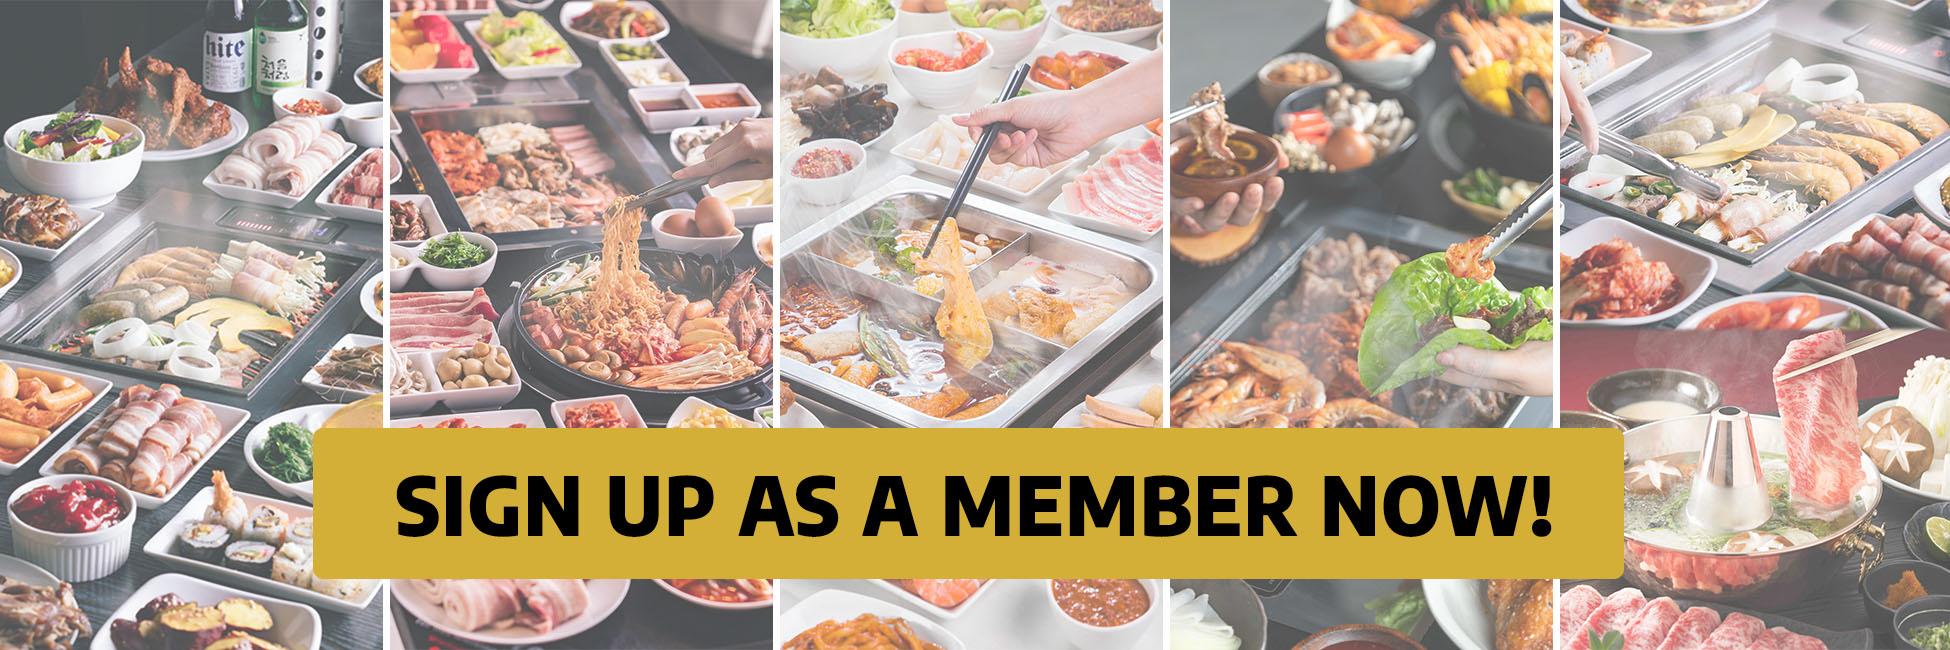 Membership - Sliding Pics